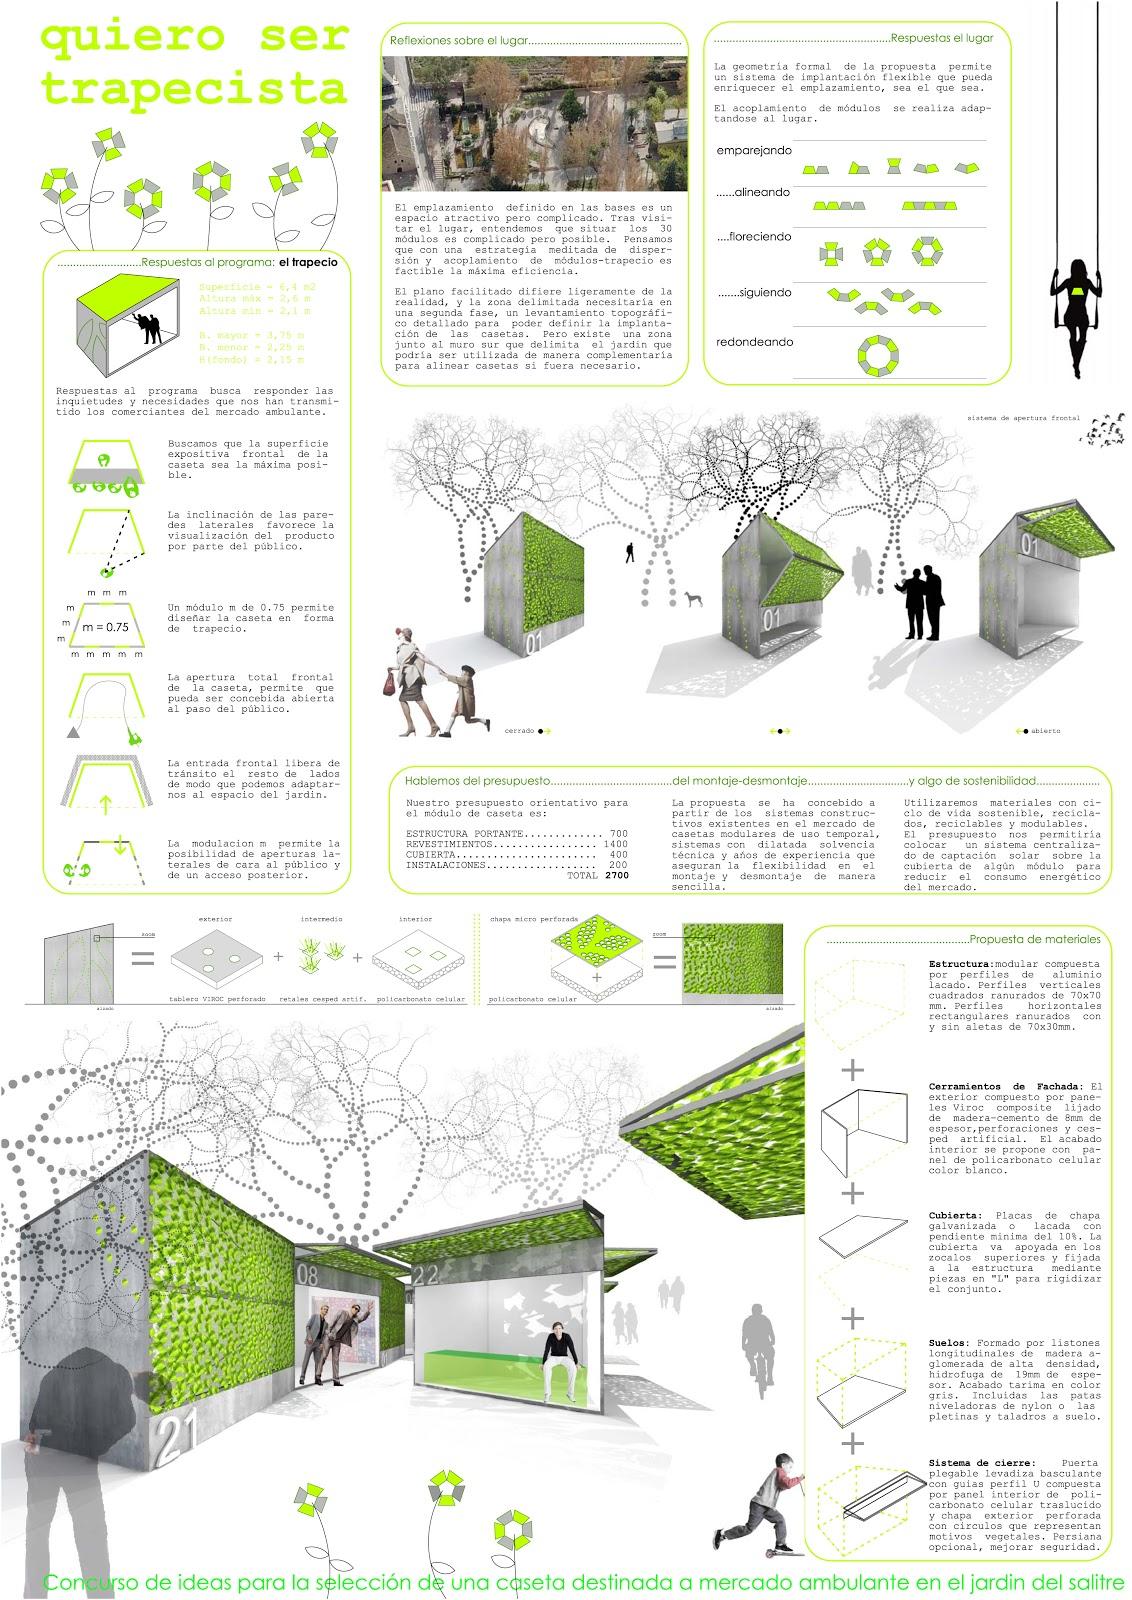 Estudio de arquitectura antonio jurado blog - Estudios arquitectura murcia ...